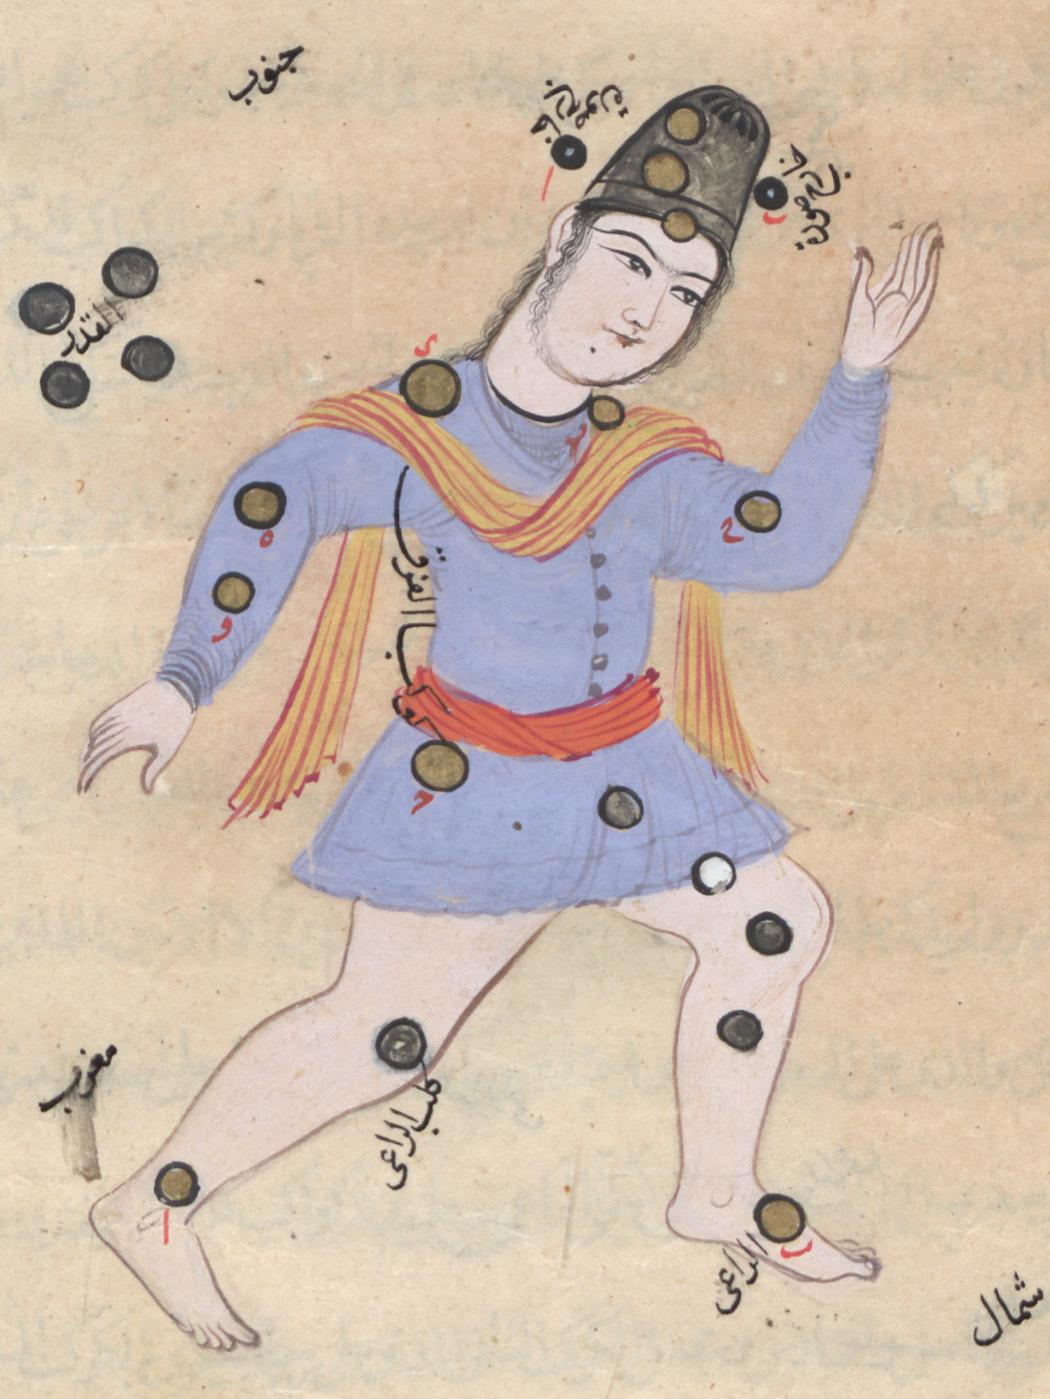 تصویر صورت فلکی قیقاوس از نسخه خطی صورالکواکب عبدالرحمان صوفی#نجوم